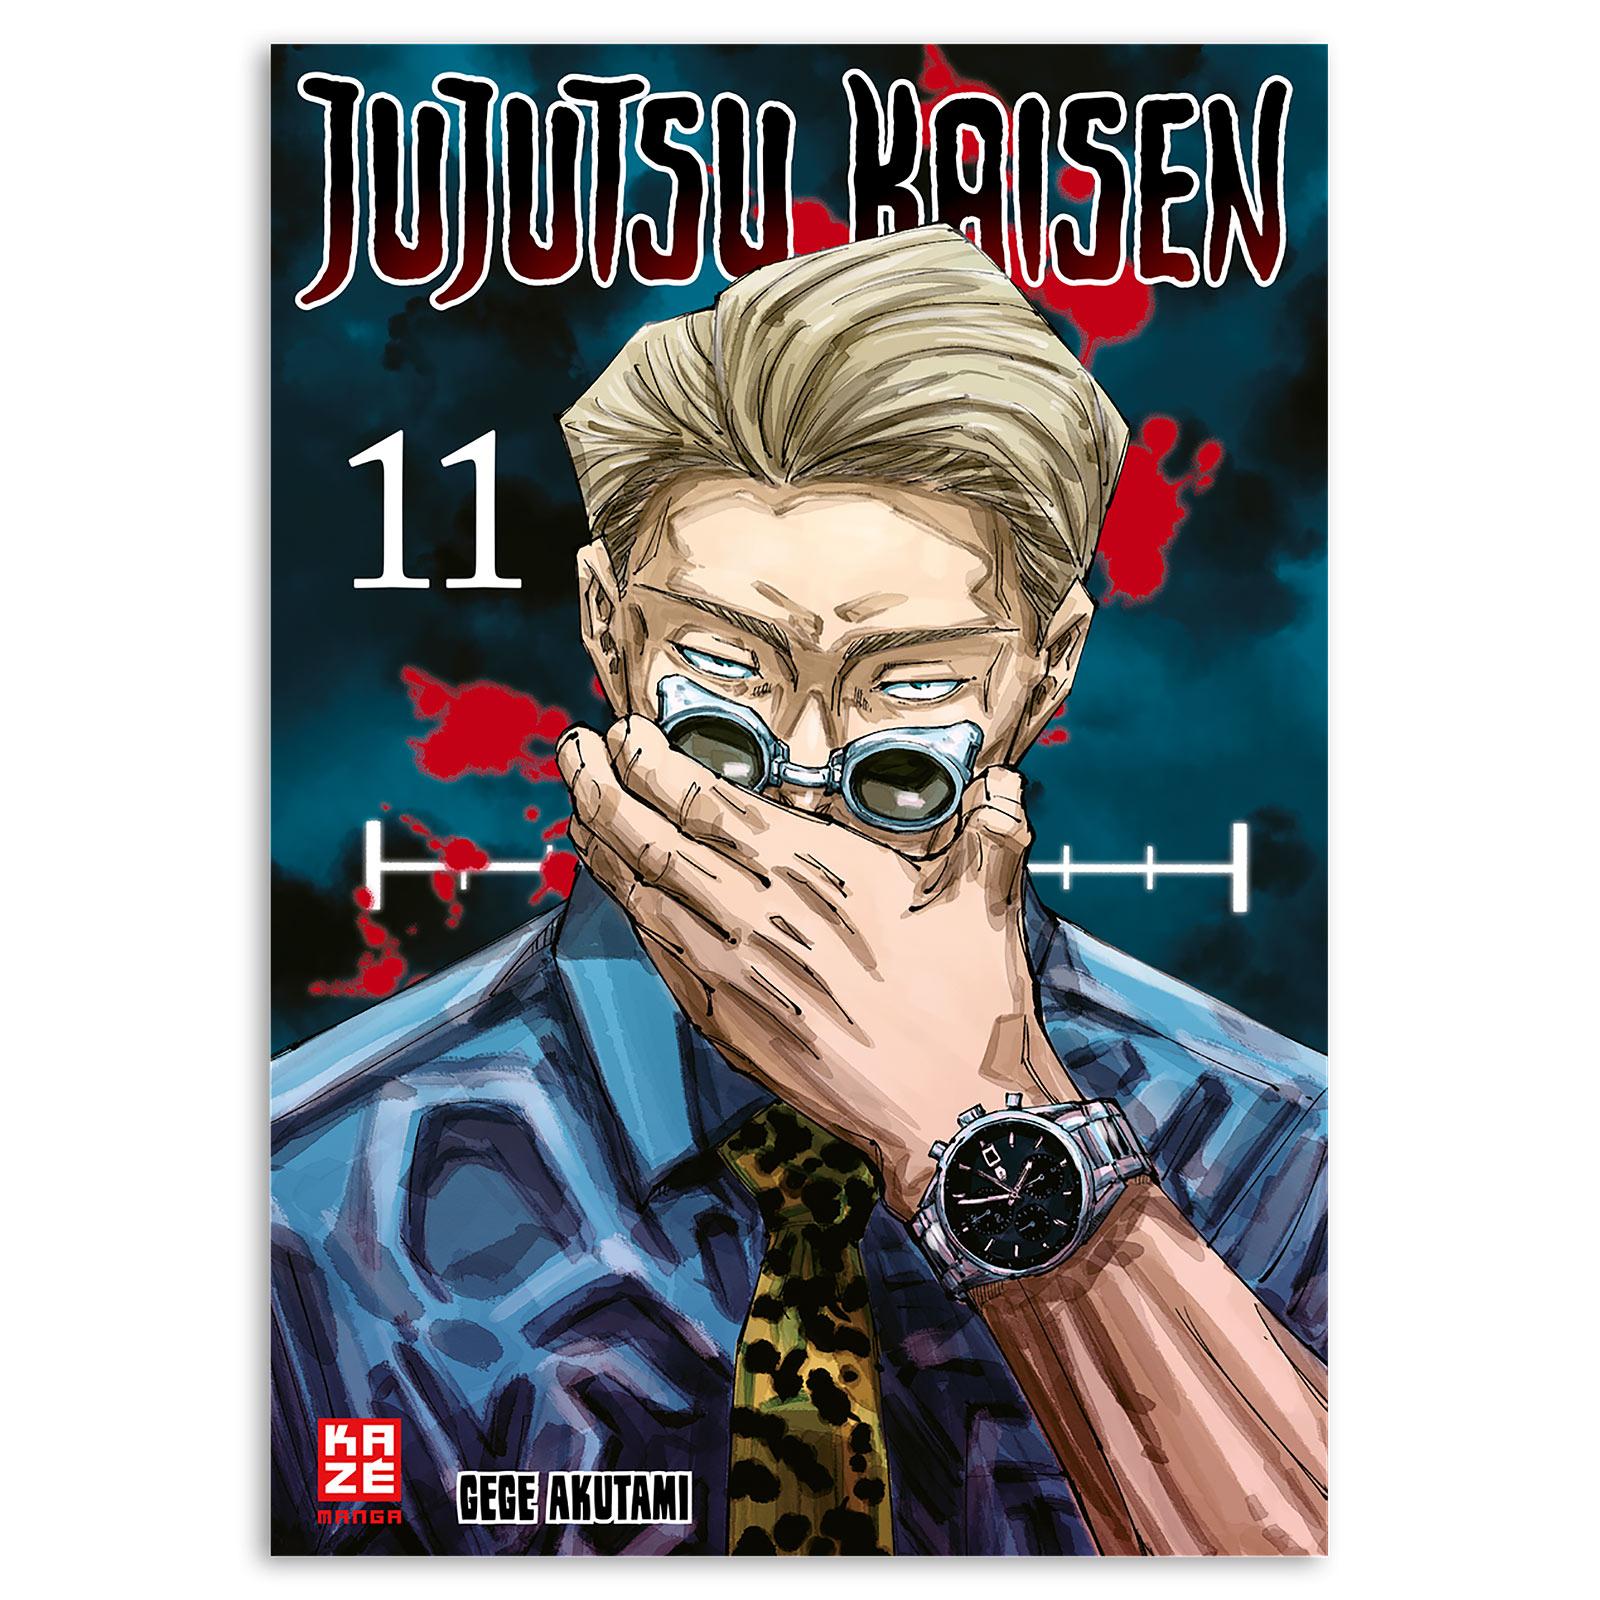 Jujutsu Kaisen - Band 11 Taschenbuch